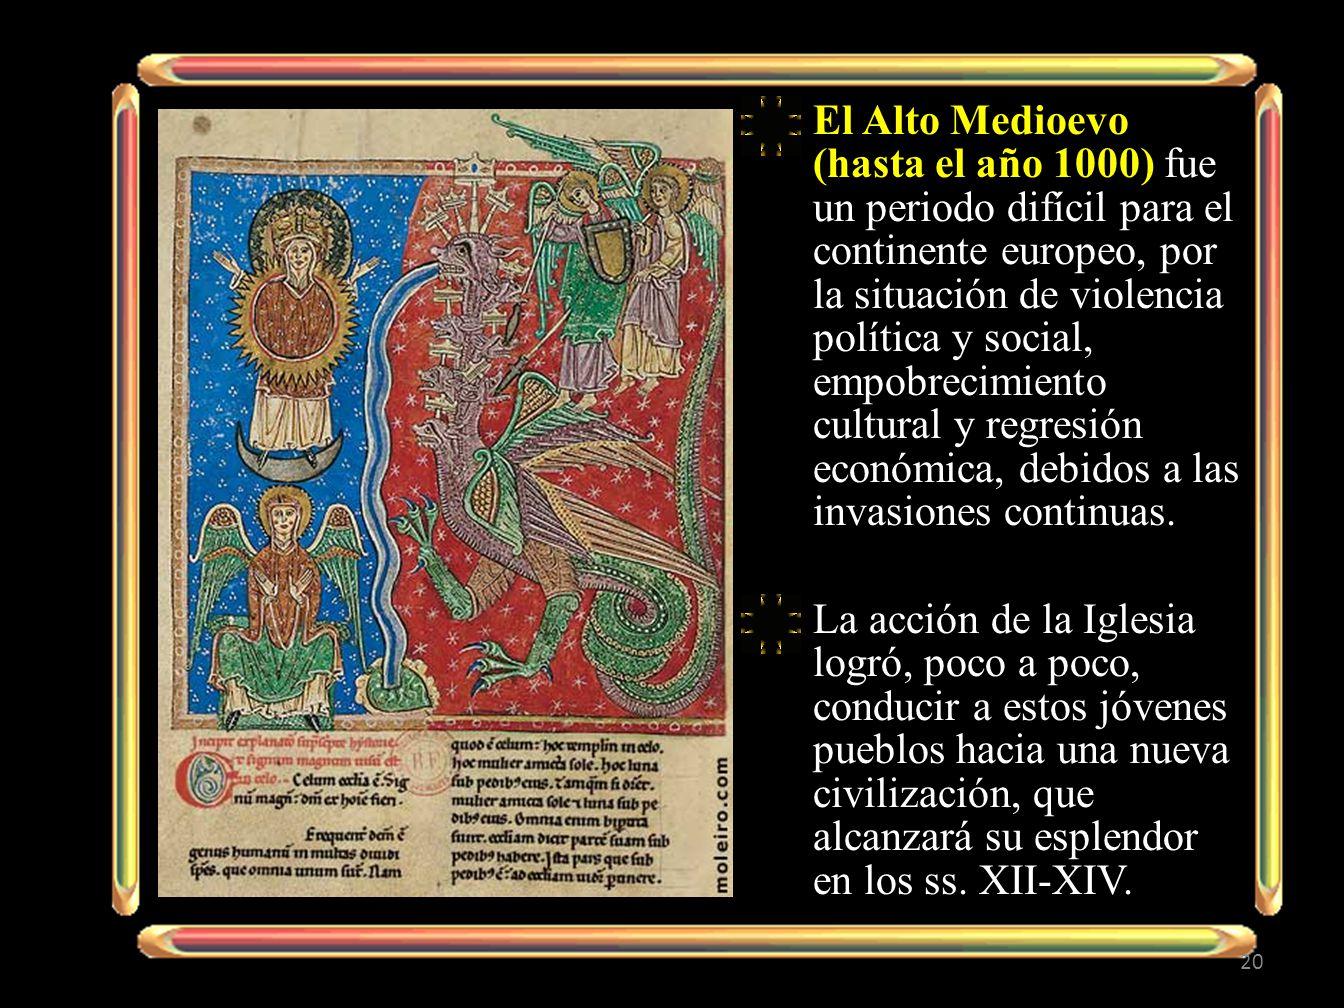 El Alto Medioevo (hasta el año 1000) fue un periodo difícil para el continente europeo, por la situación de violencia política y social, empobrecimien